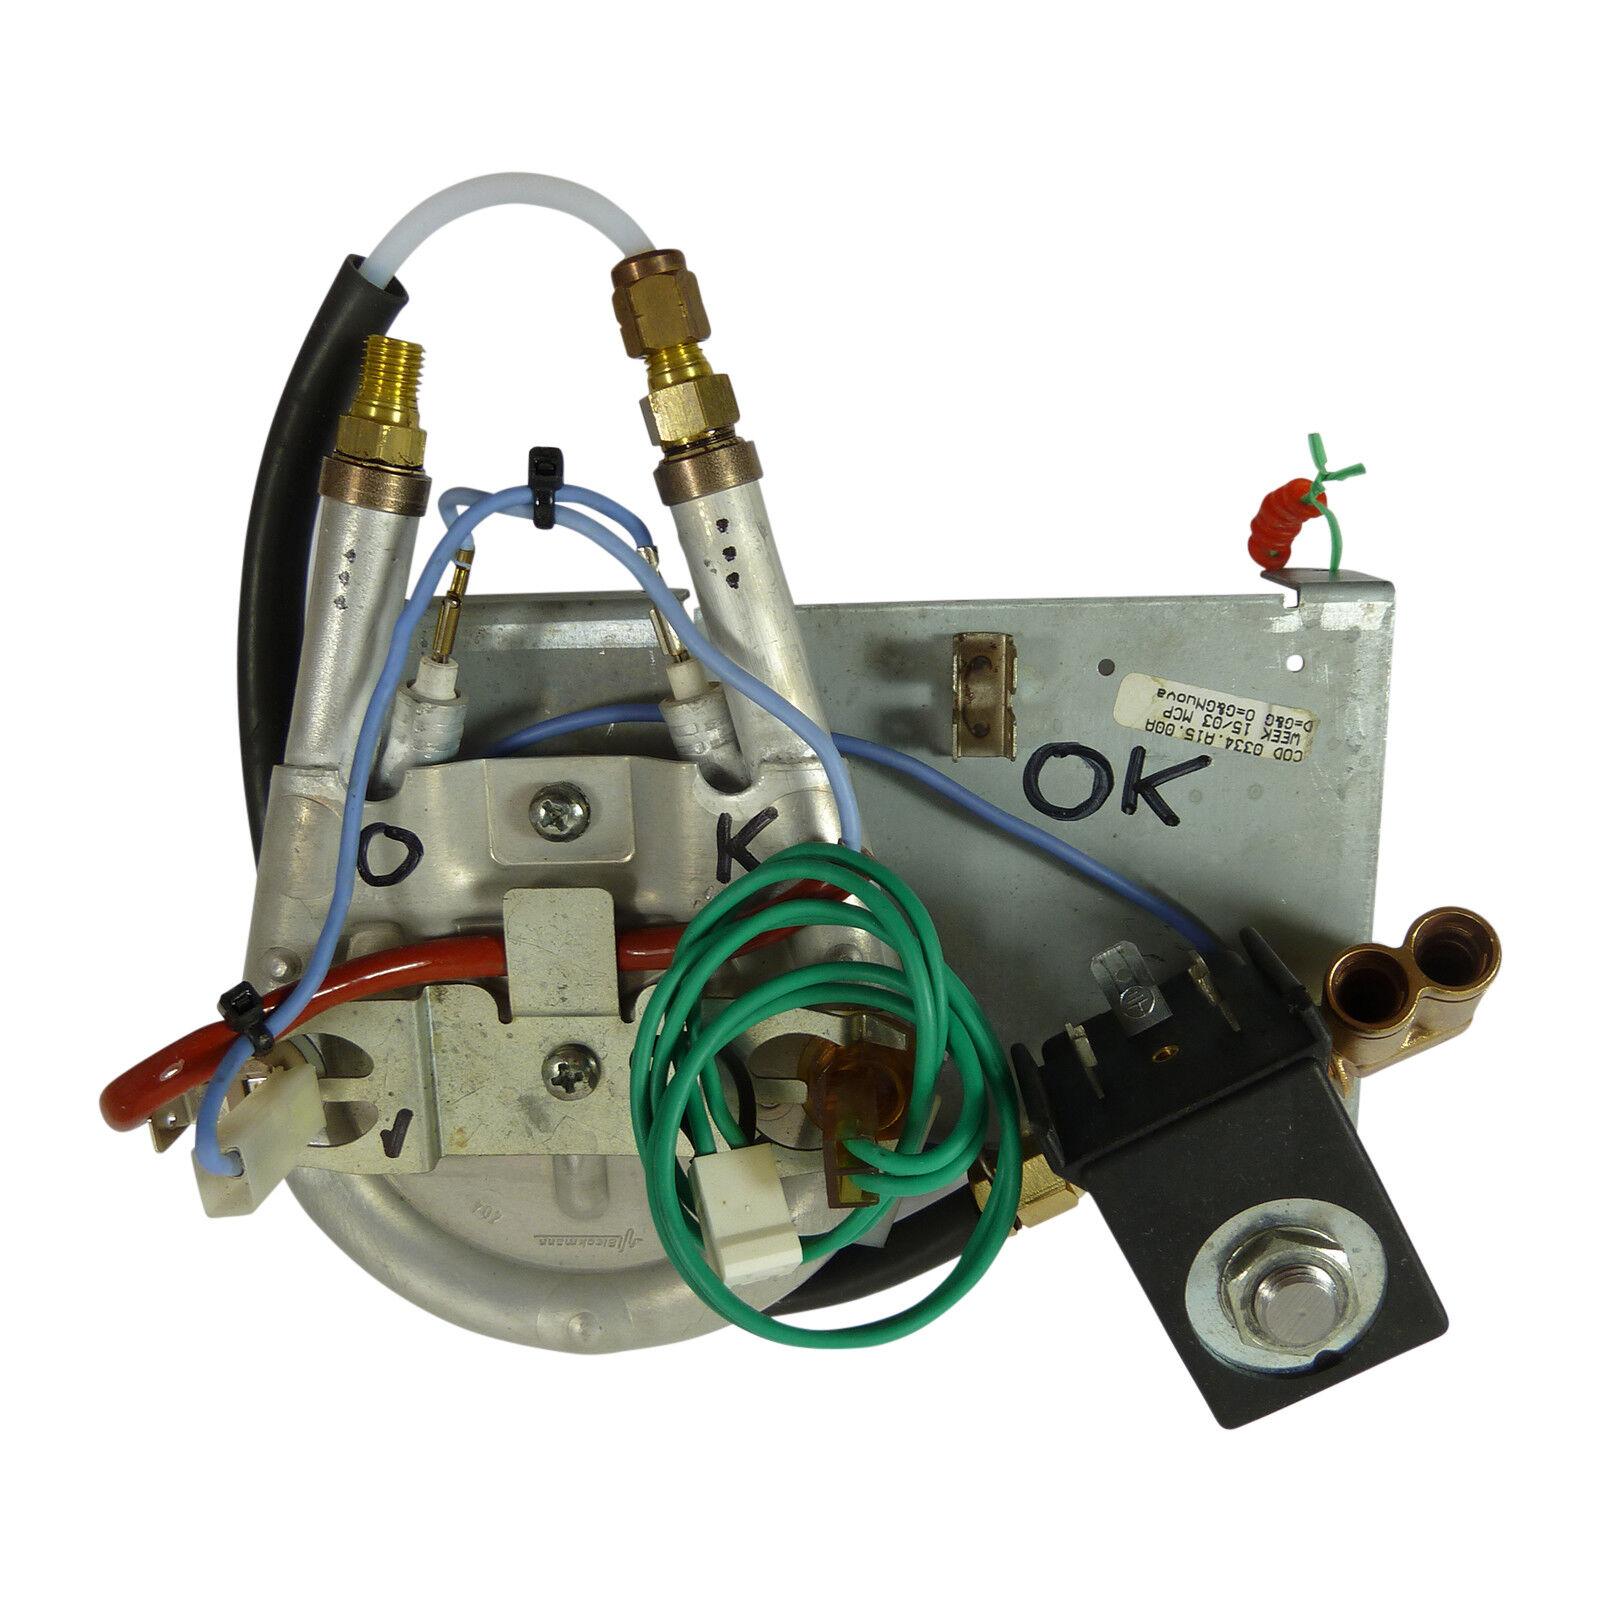 MIELE CVA 620 rapidement vapeur-chaudière vapeur chaudière incl. magnétique-vanne complet